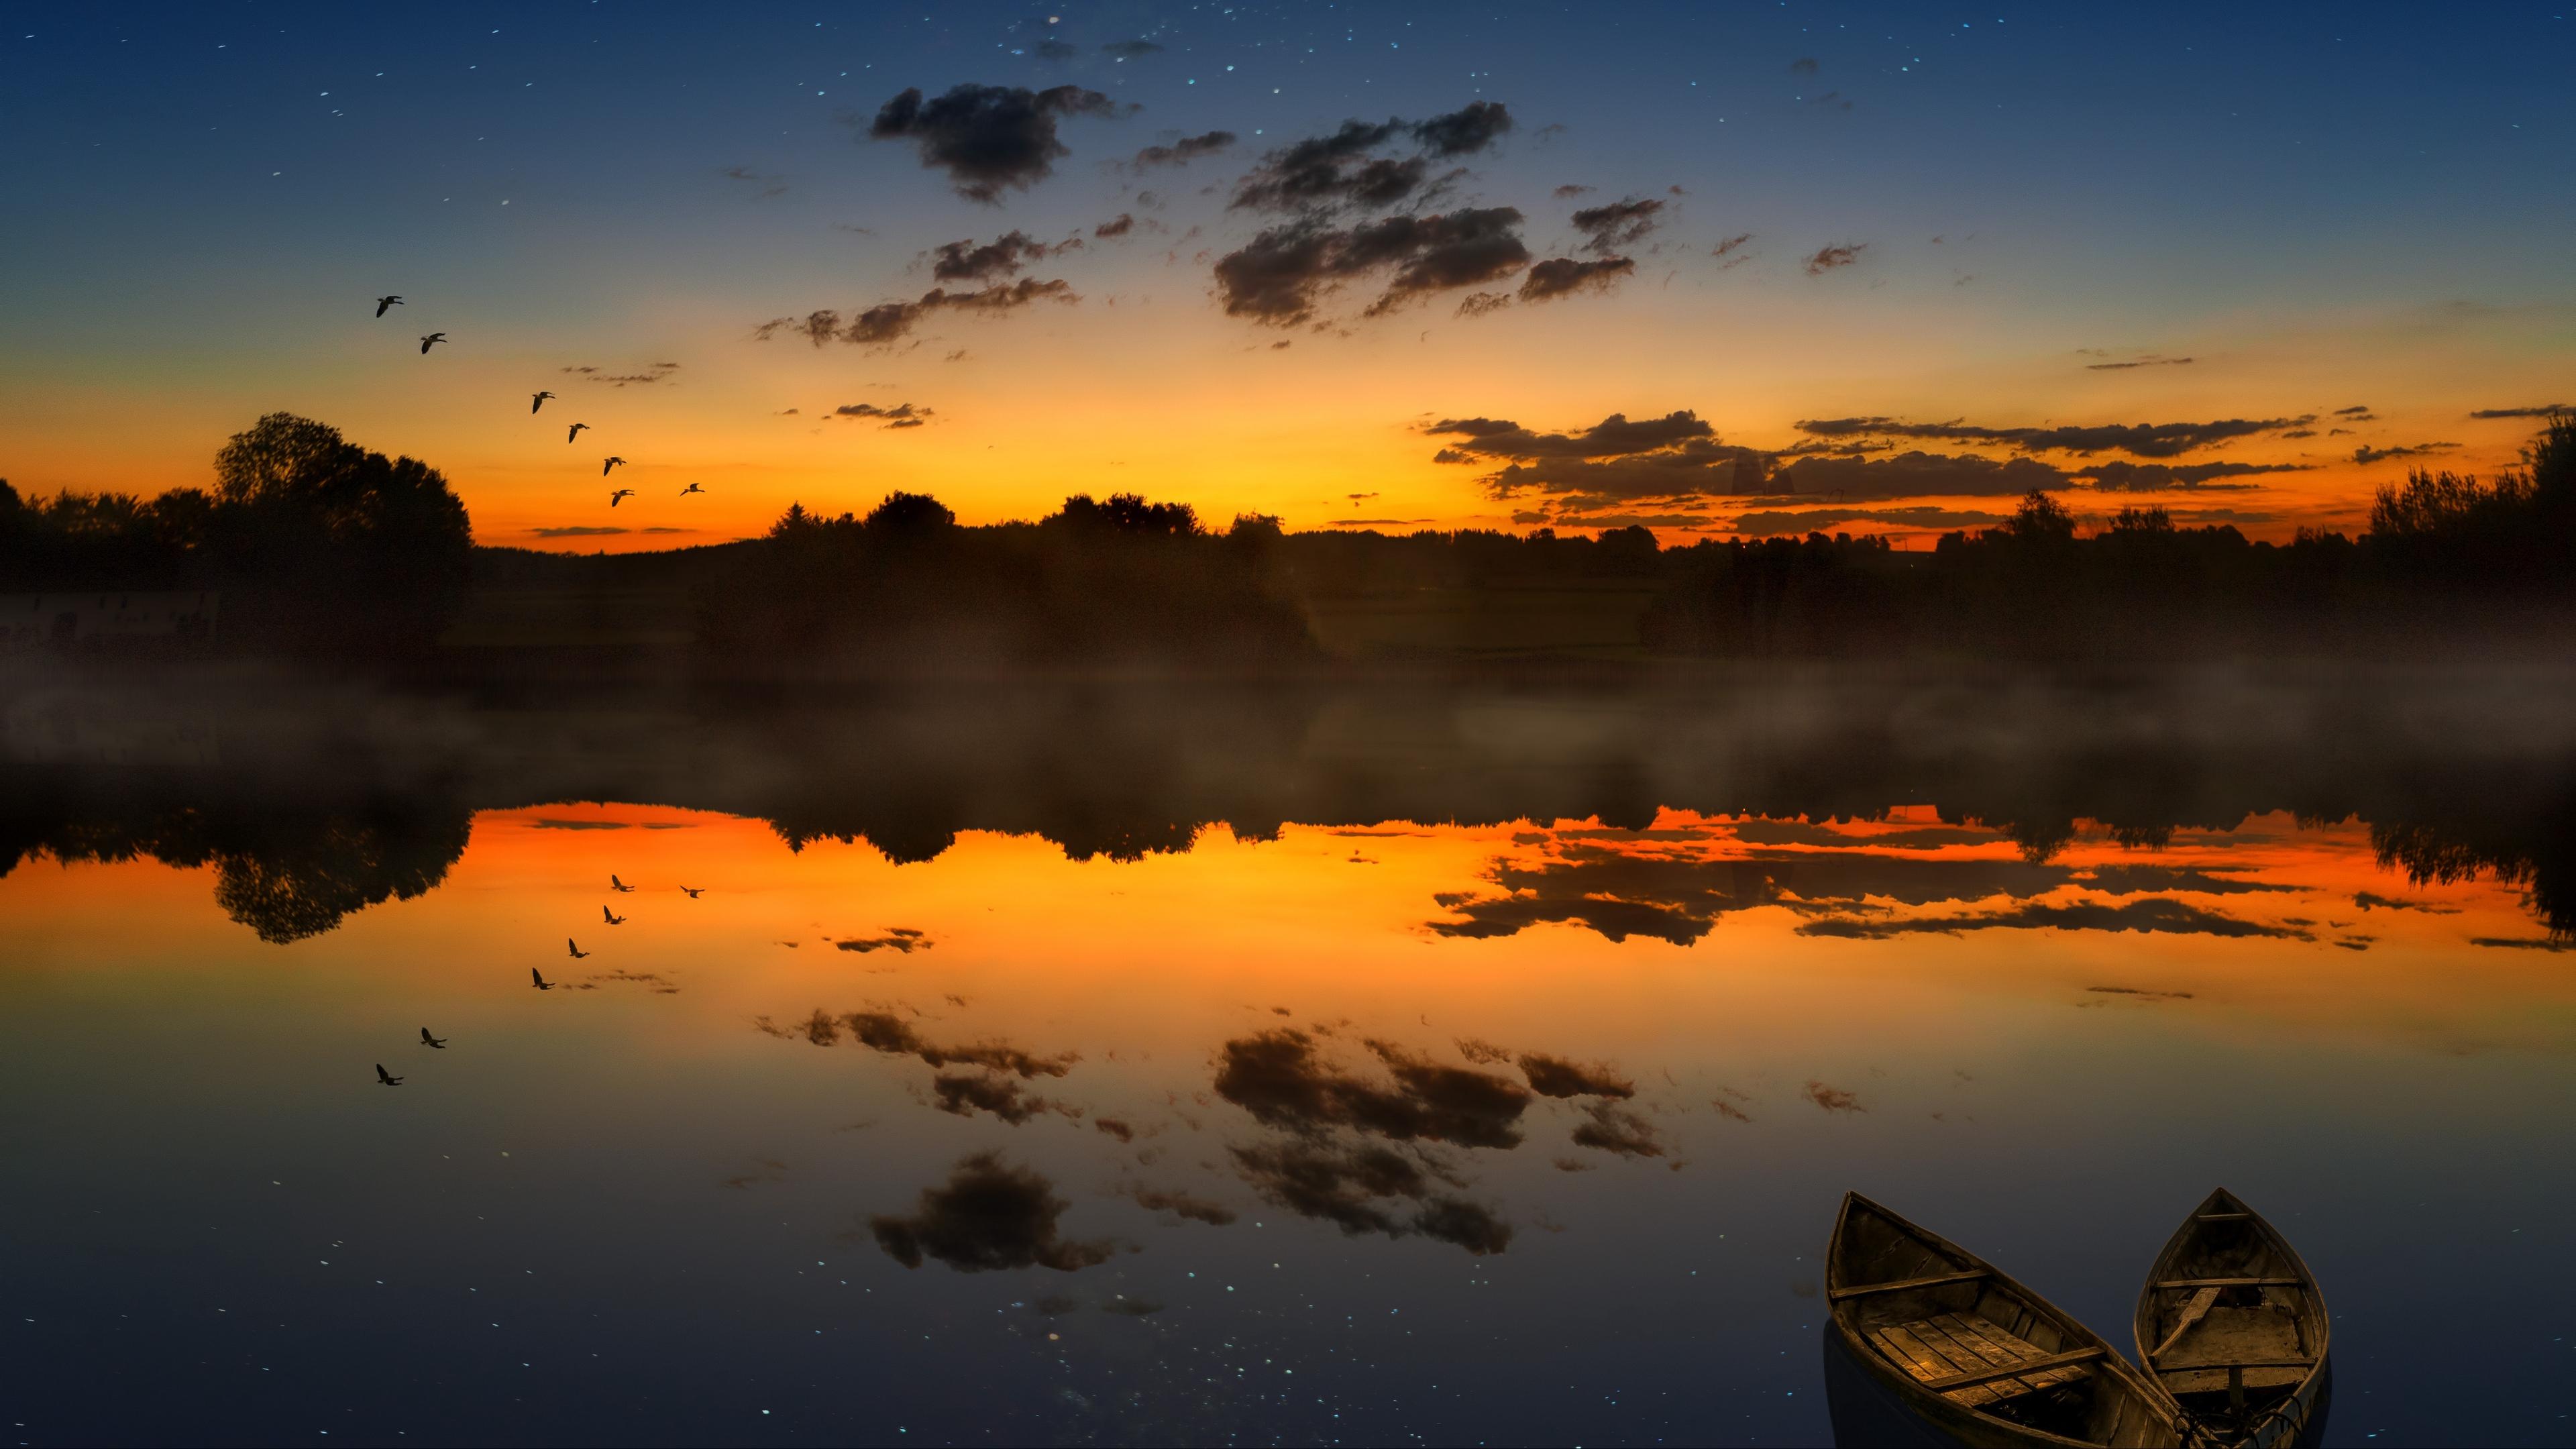 boats sunset lake horizon clouds 4k 1541113669 - boats, sunset, lake, horizon, clouds 4k - sunset, Lake, boats